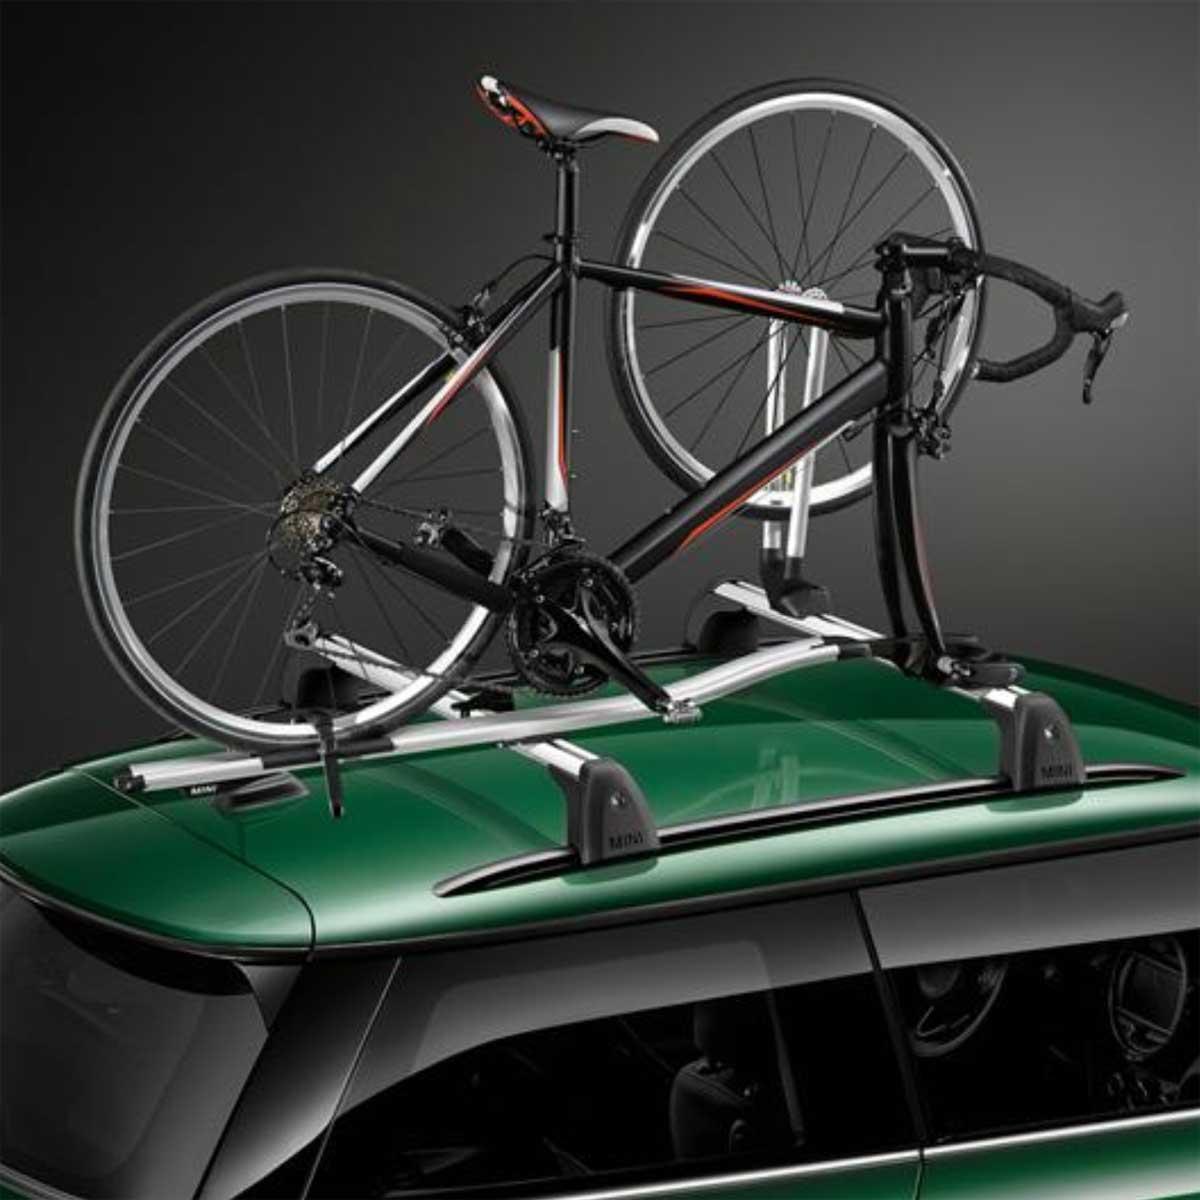 Mini Cooper Bike Roof Rack: Mini Cooper Bike Rack Application Guide